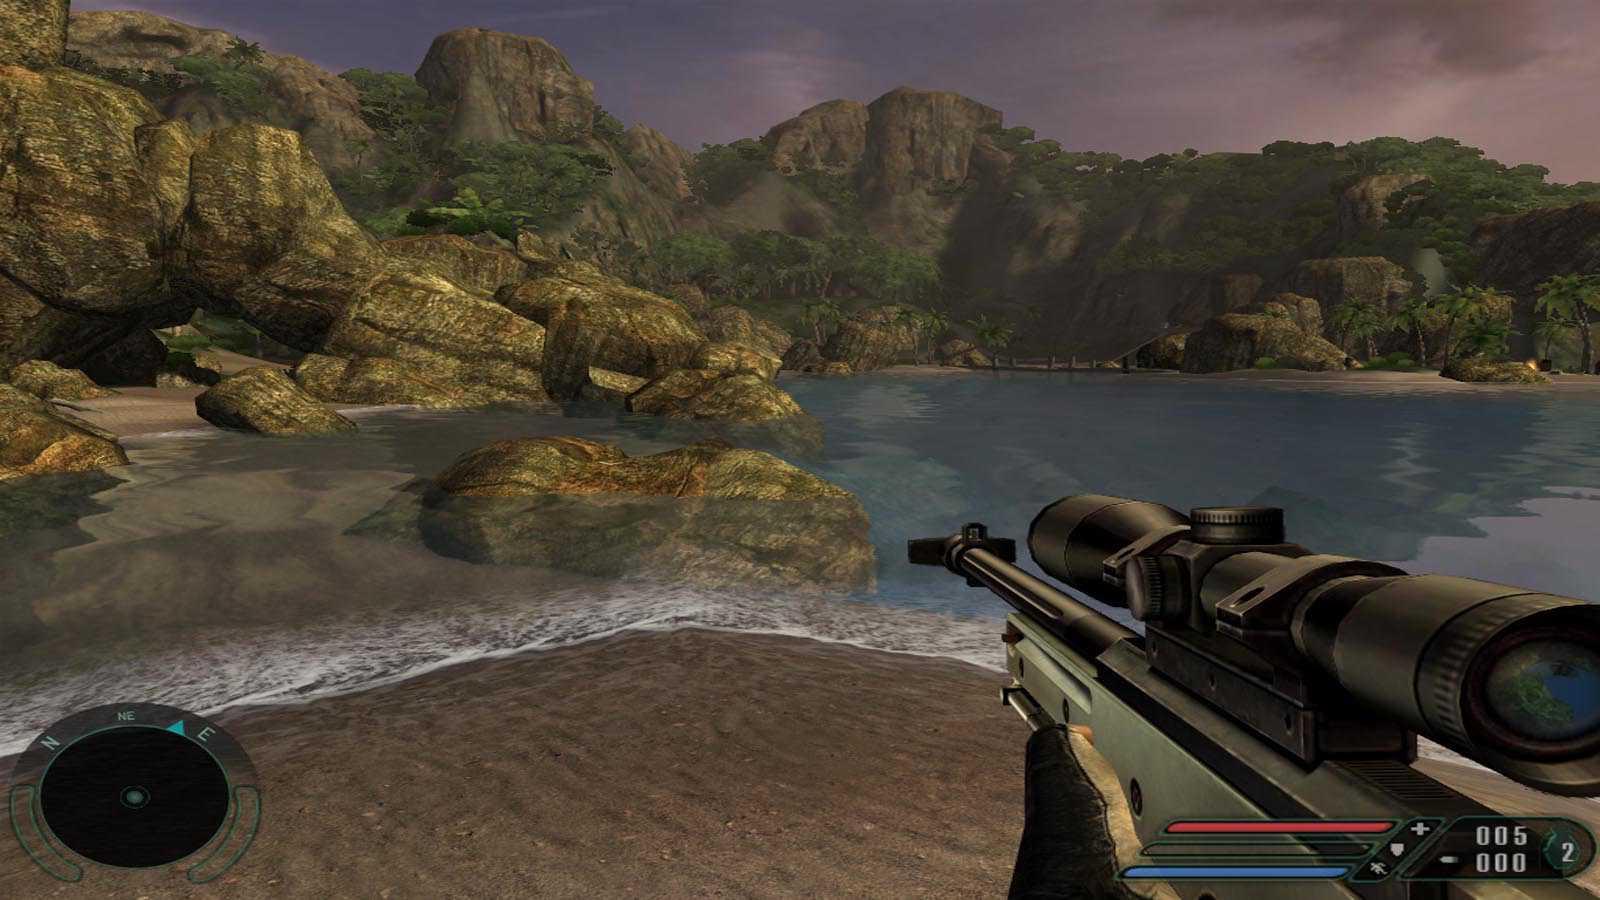 تحميل لعبة Far Cry 1 مضغوطة كاملة بروابط مباشرة مجانا